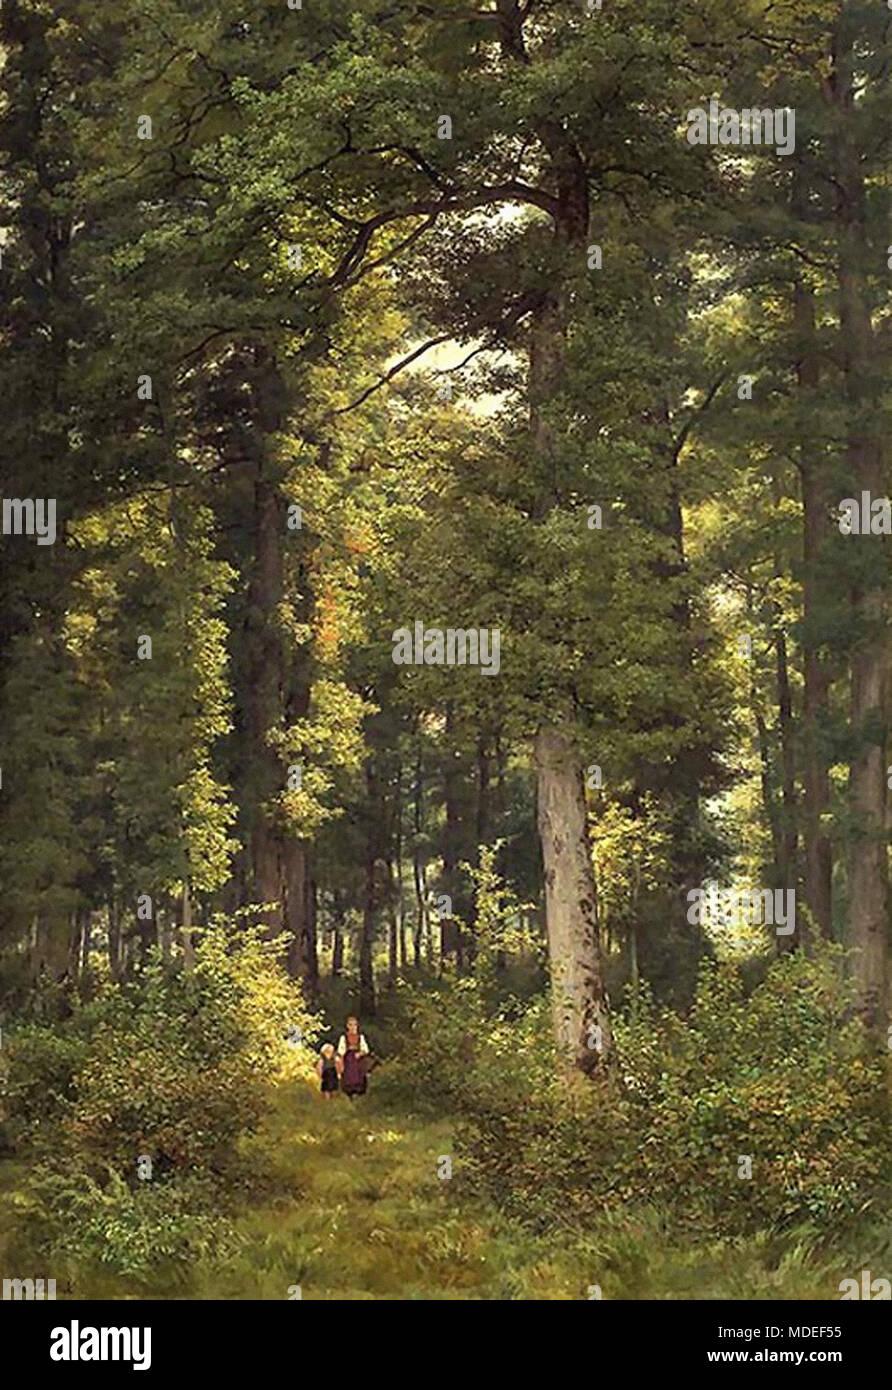 Zund Robert - Zwei Kinder IM Eichenwald - Stock Image